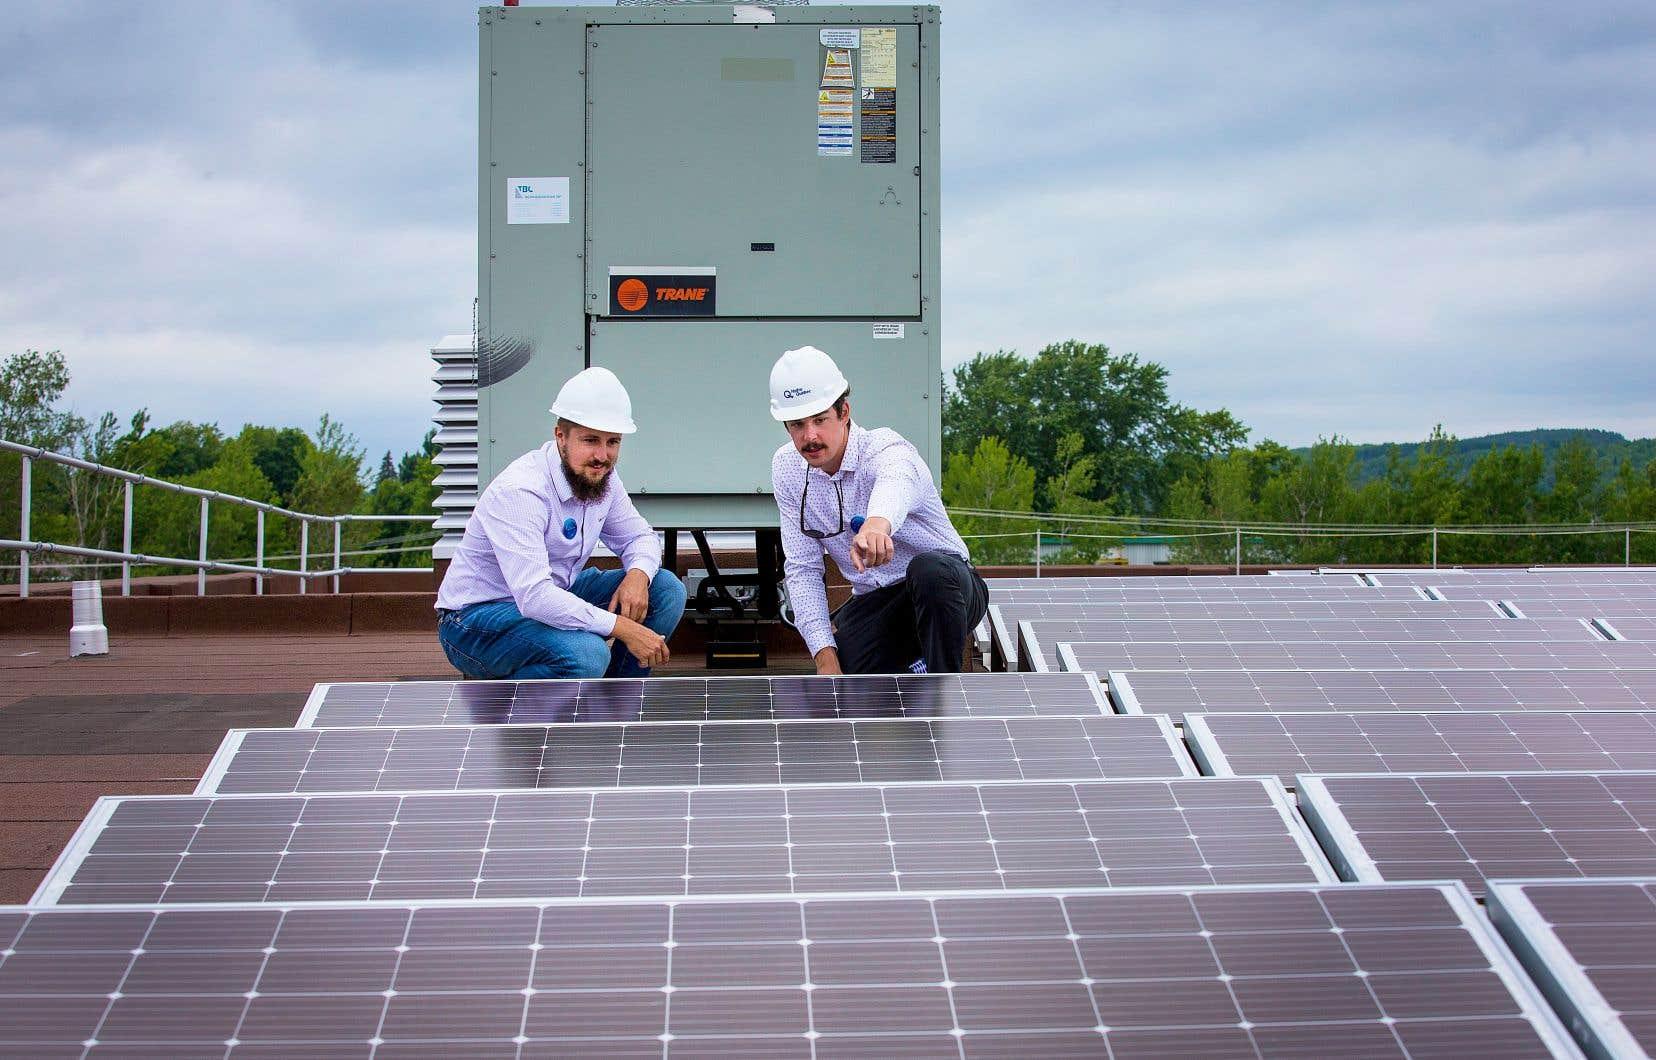 Construit par Hydro-Québec et des partenaires du secteur privé, le parc solaire de Lac-Mégantic est doté d'un peu plus de 1800 panneaux placés sur les toits du complexe sportif municipal (sur la photo) et d'une partie de la trentaine de bâtiments qui forment le centre-ville de la municipalité.